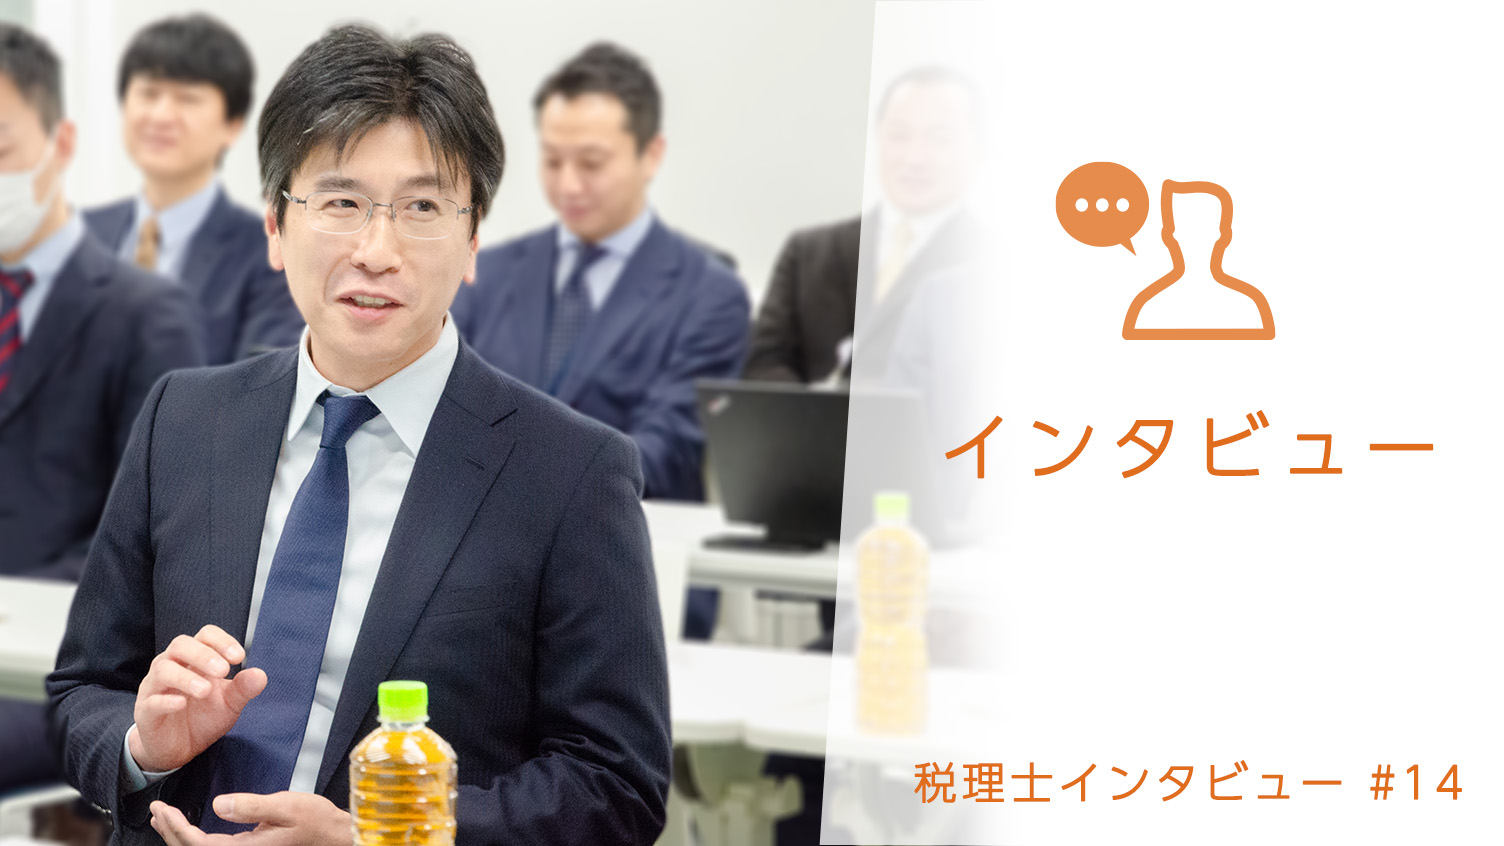 荻島 宏之 さんインタビュー by Lanchor(ランカー)